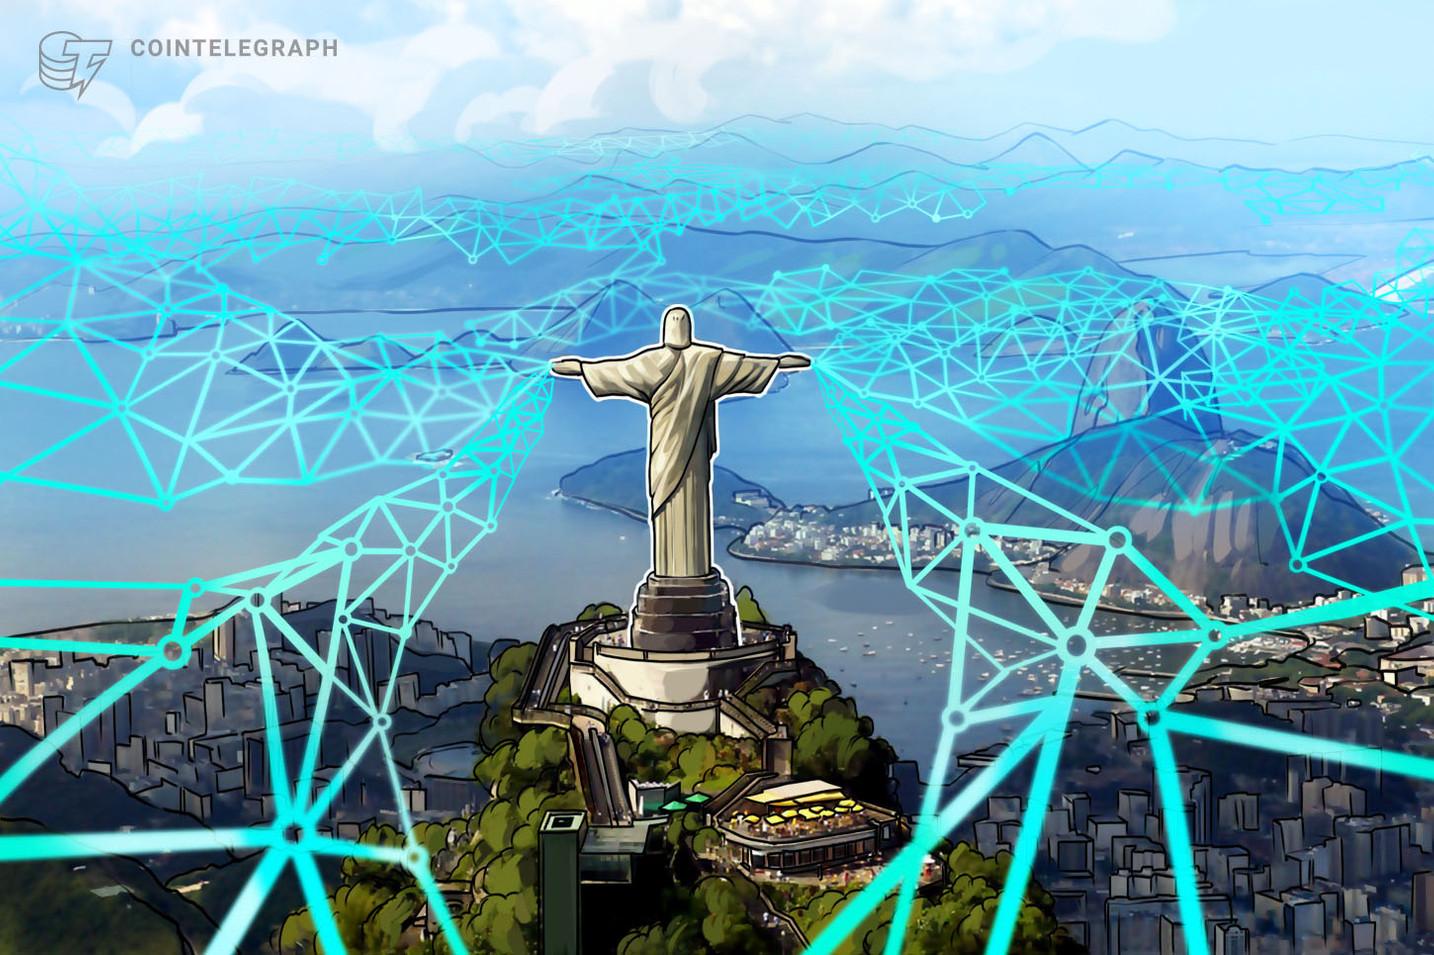 Governo brasileiro quer adotar uso de blockchain pra combater sonegação fiscal